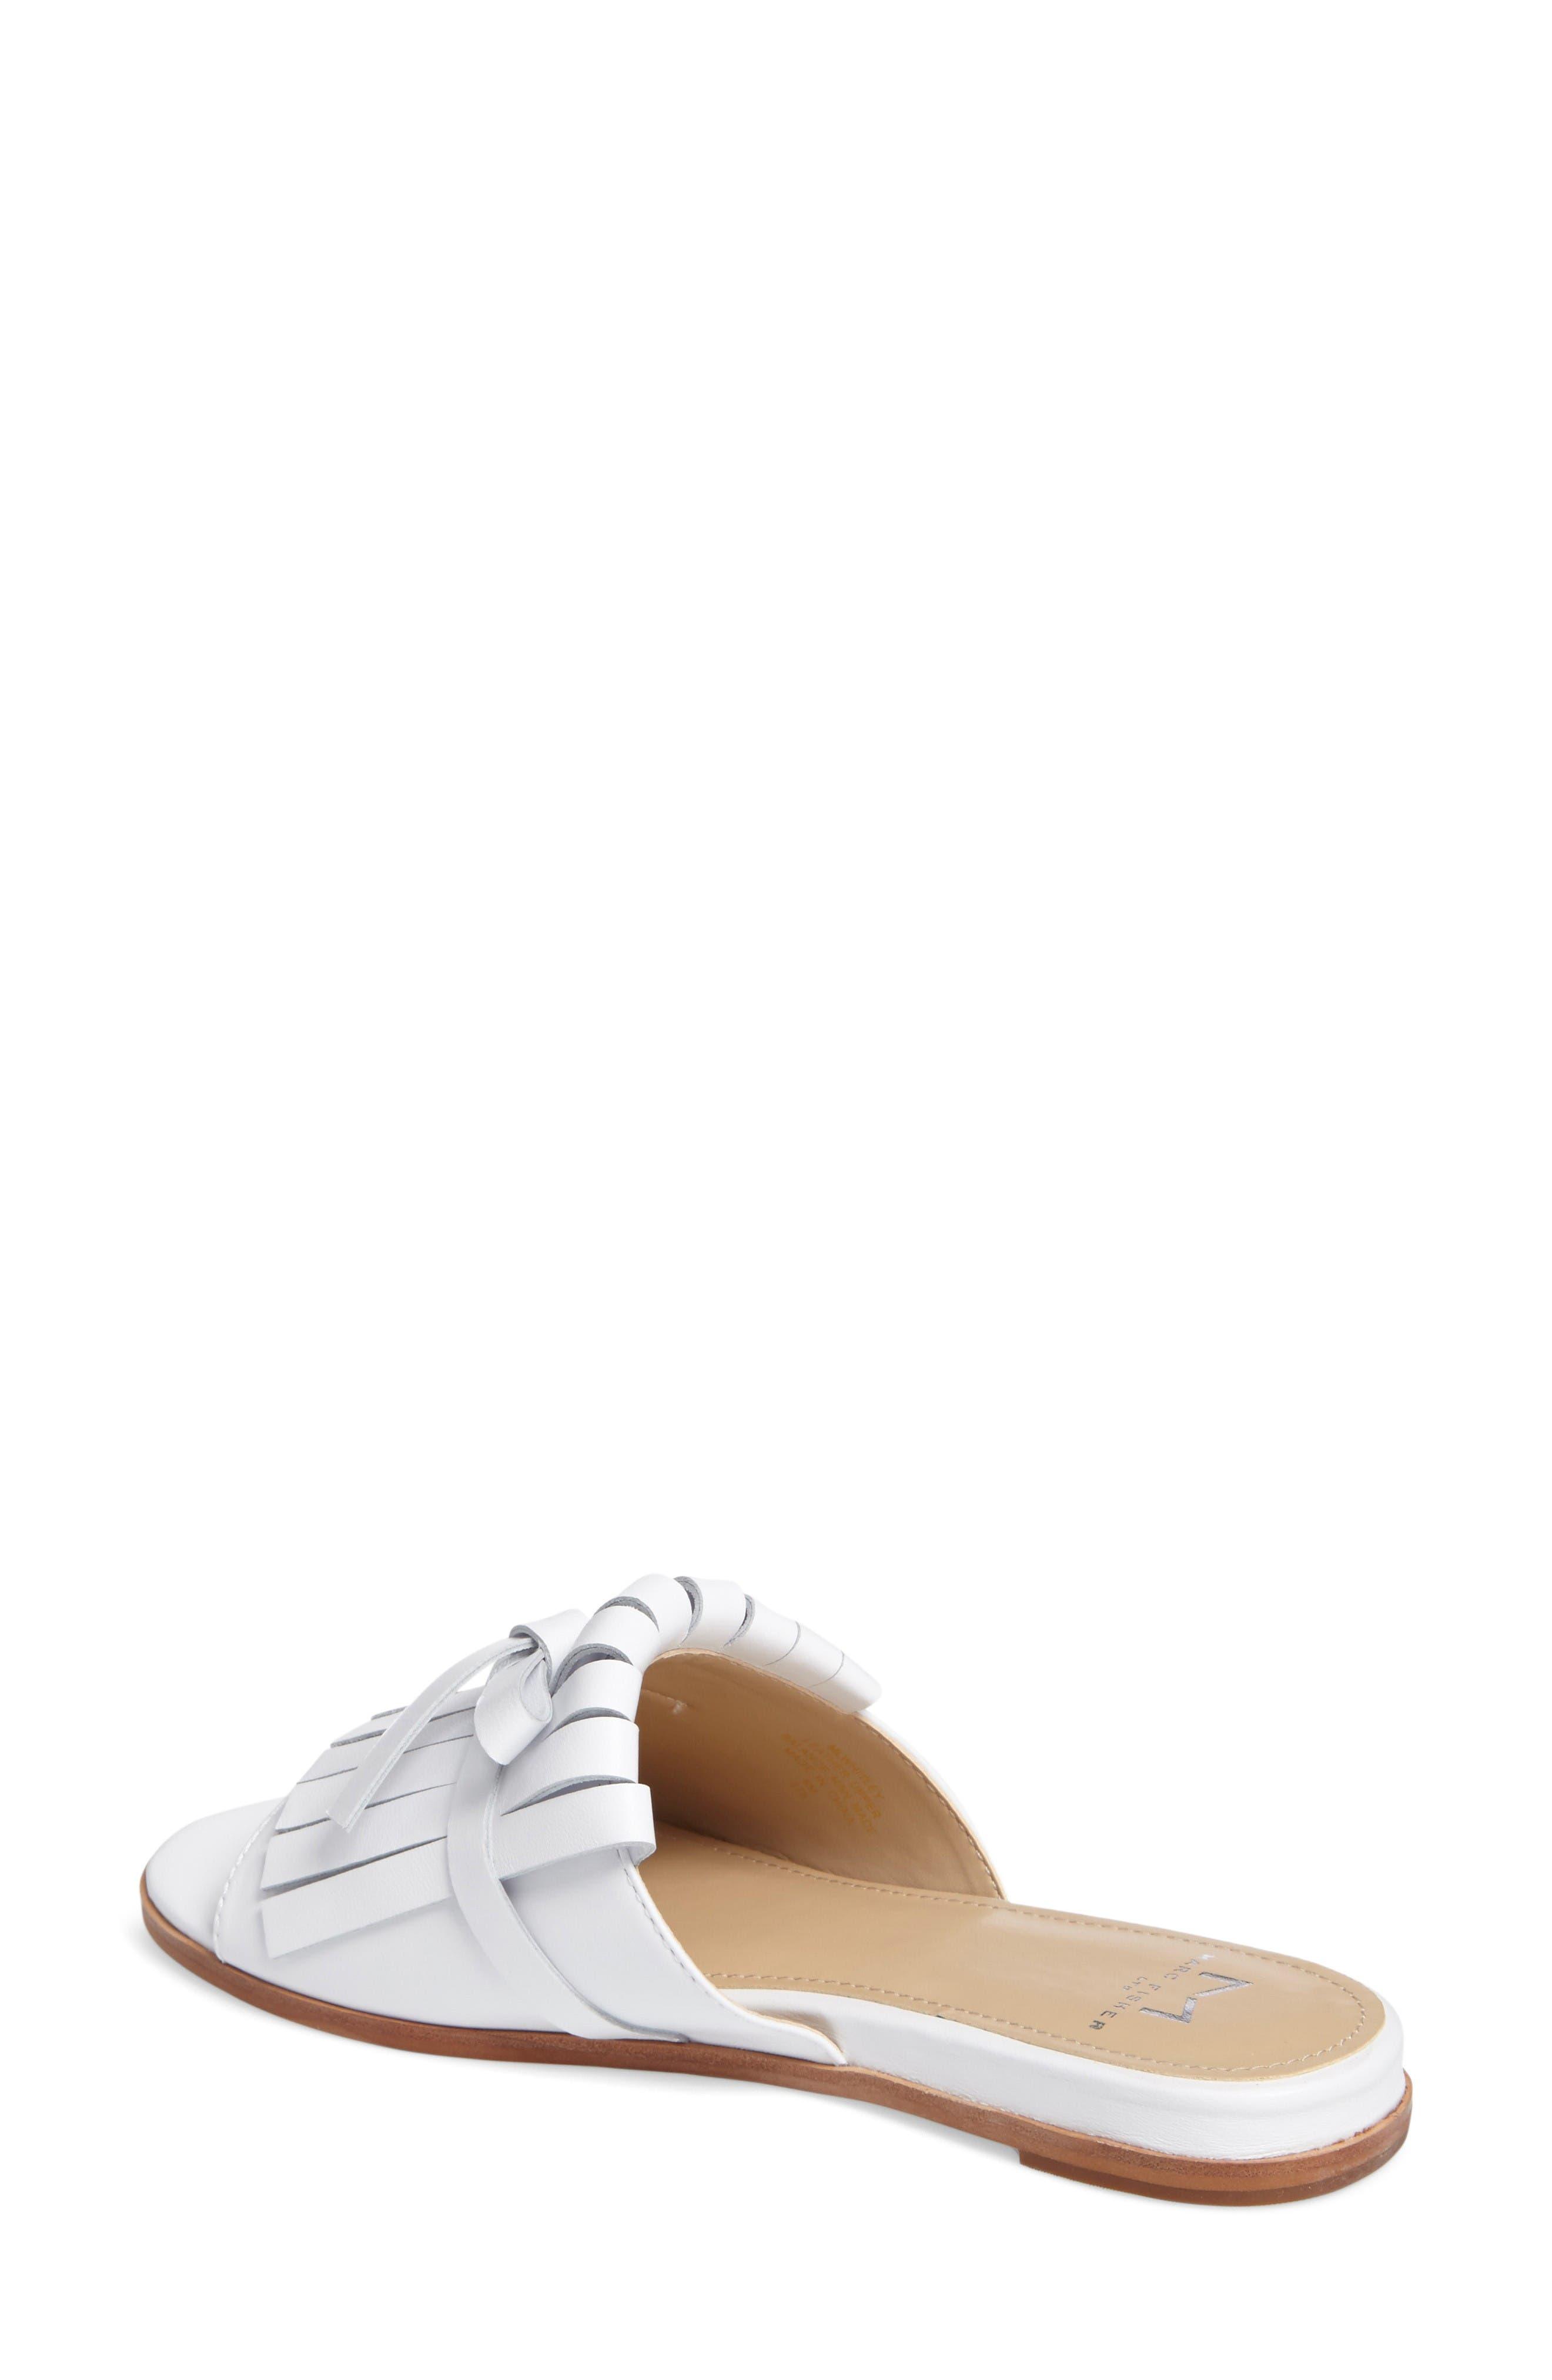 Alternate Image 2  - Marc Fisher LTD Whitley Slide Sandal (Women)